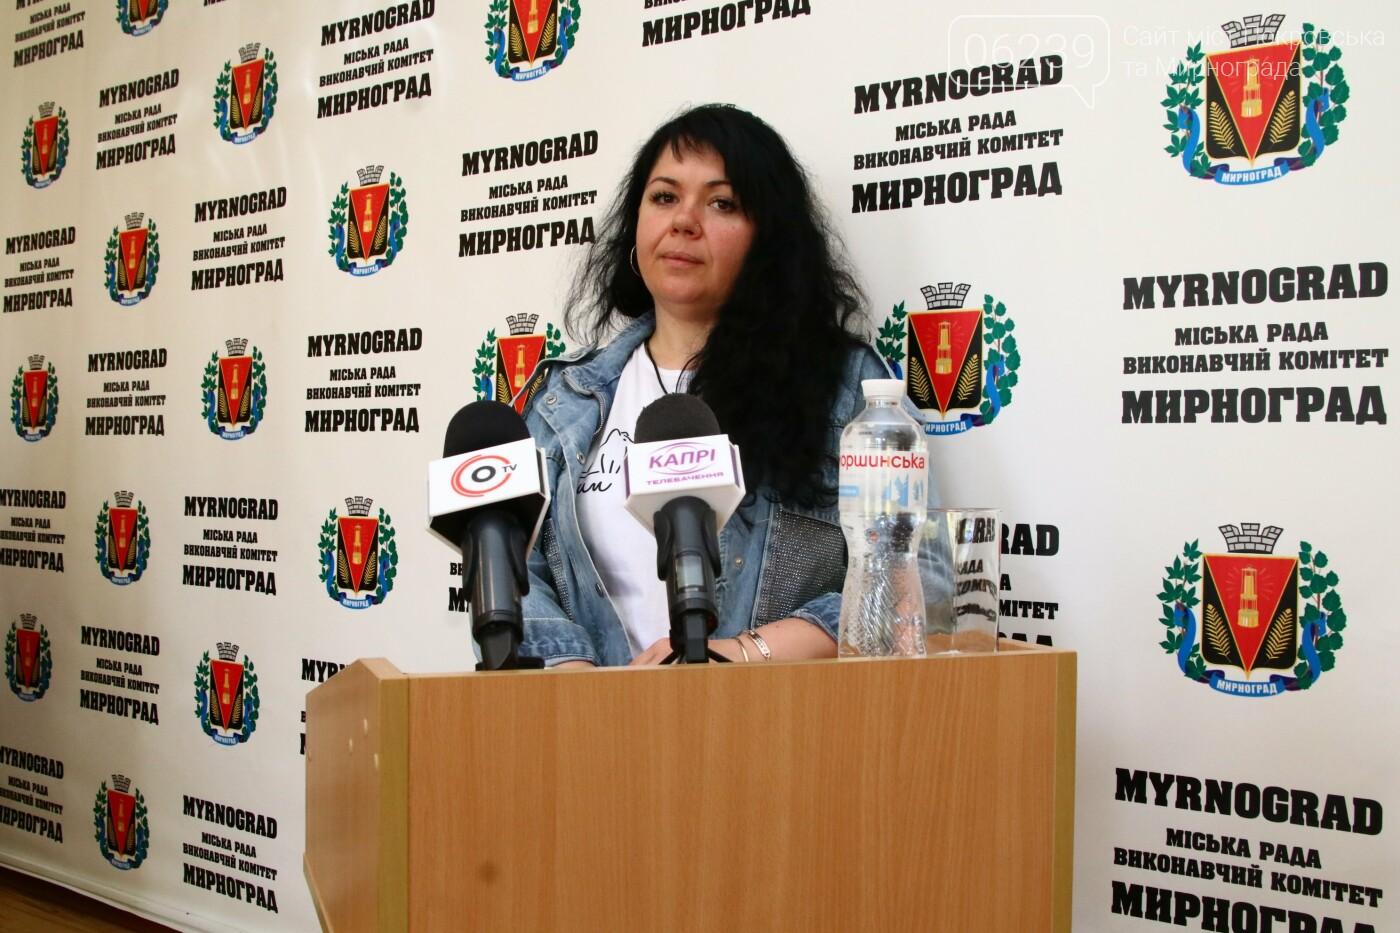 Вопросы благоустройства города и местного бюджета: в Мирнограде состоялась сессия городского совета, фото-14